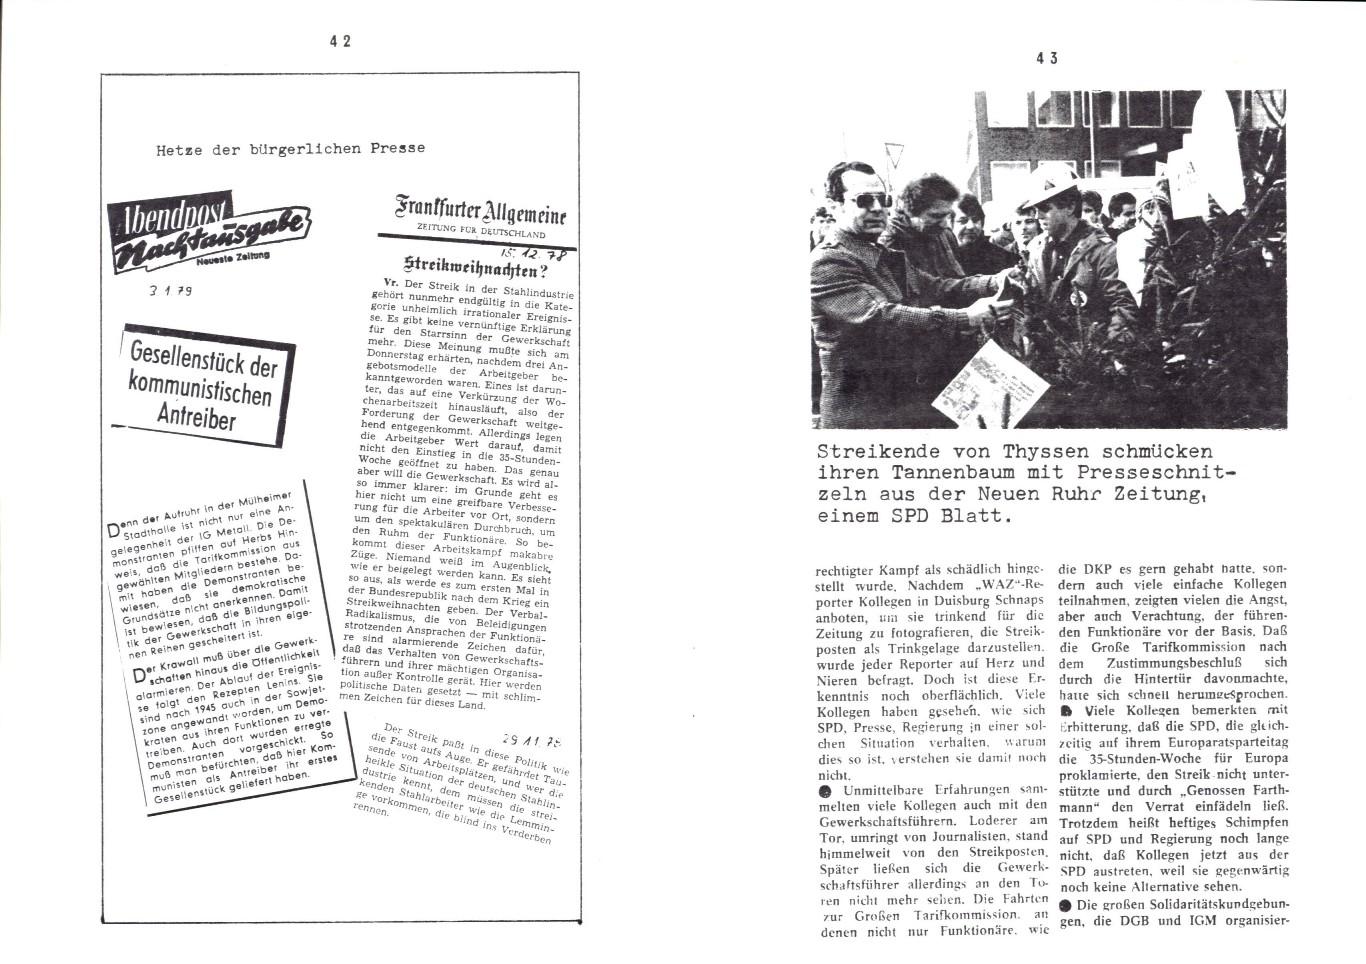 KPDAO_1979_Streik_in_der_Stahlindustrie_23